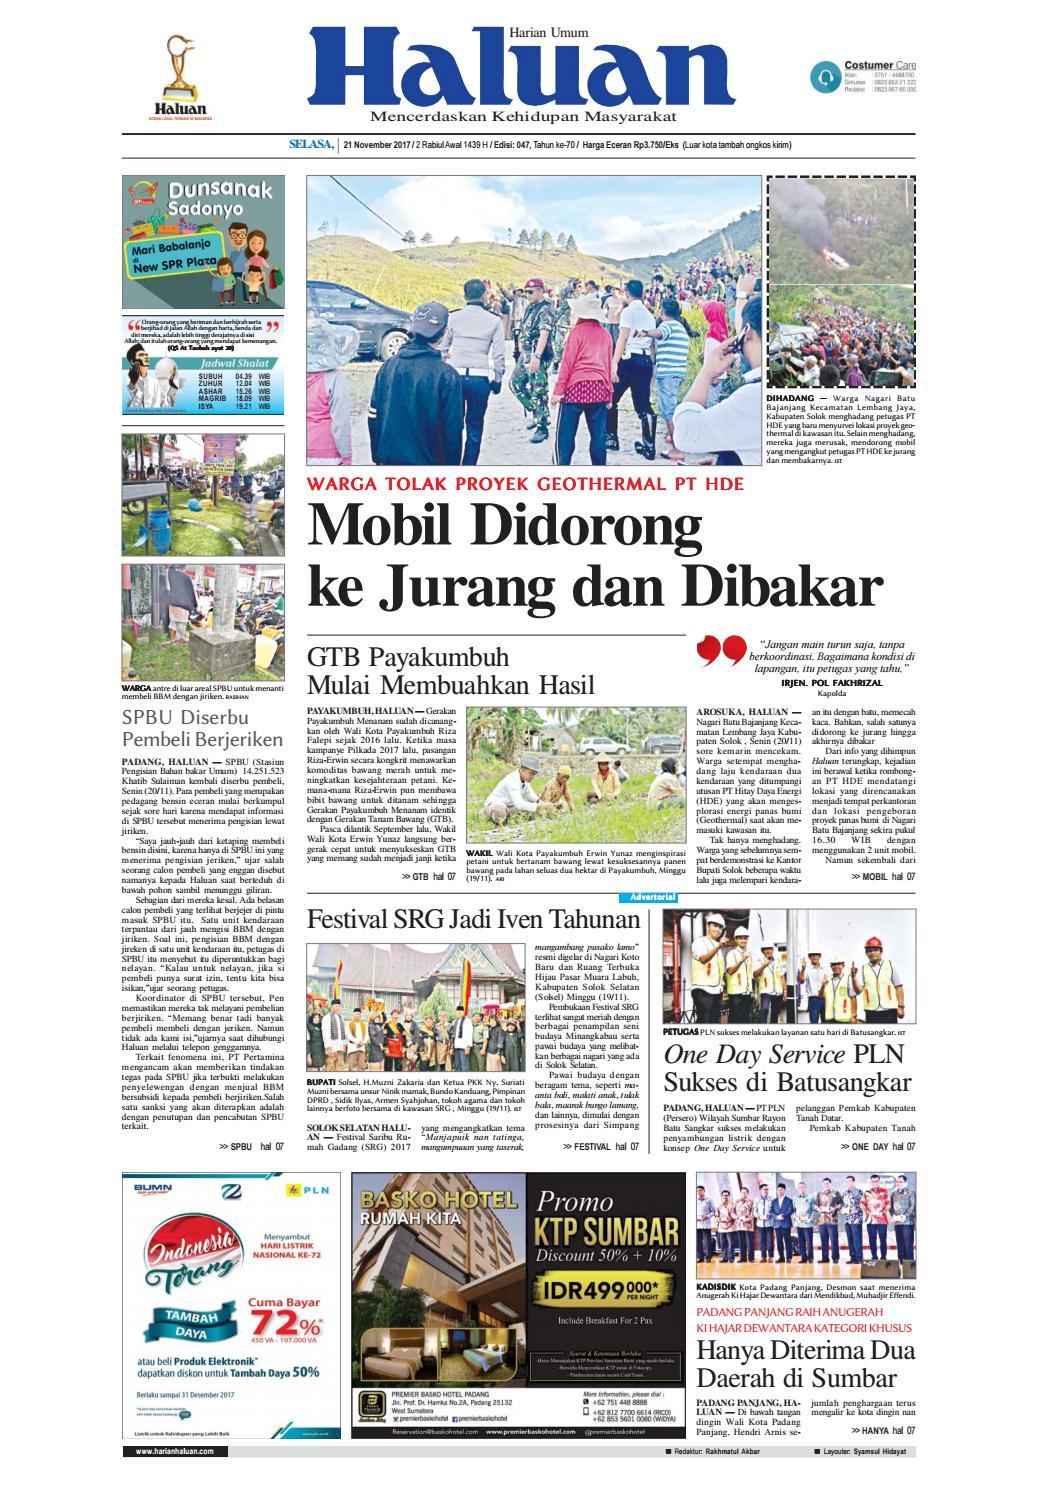 Haluan 21 November 2017 By Harian Issuu Produk Ukm Bumn Songket Durian